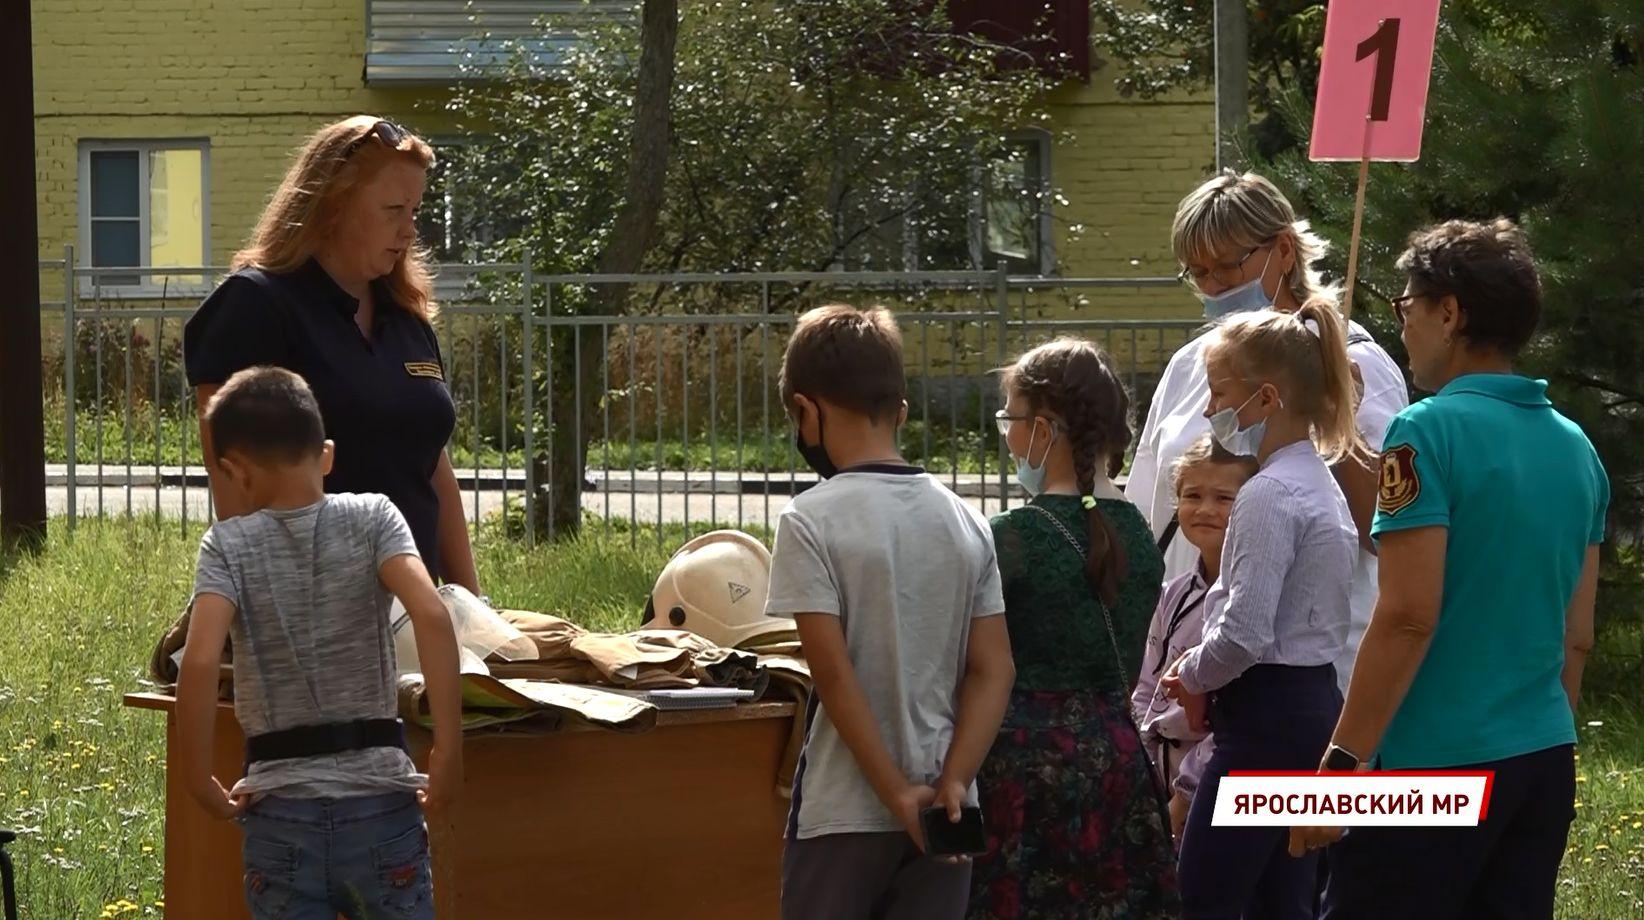 В Ярославском районе прошла образовательная акция в рамках проекта